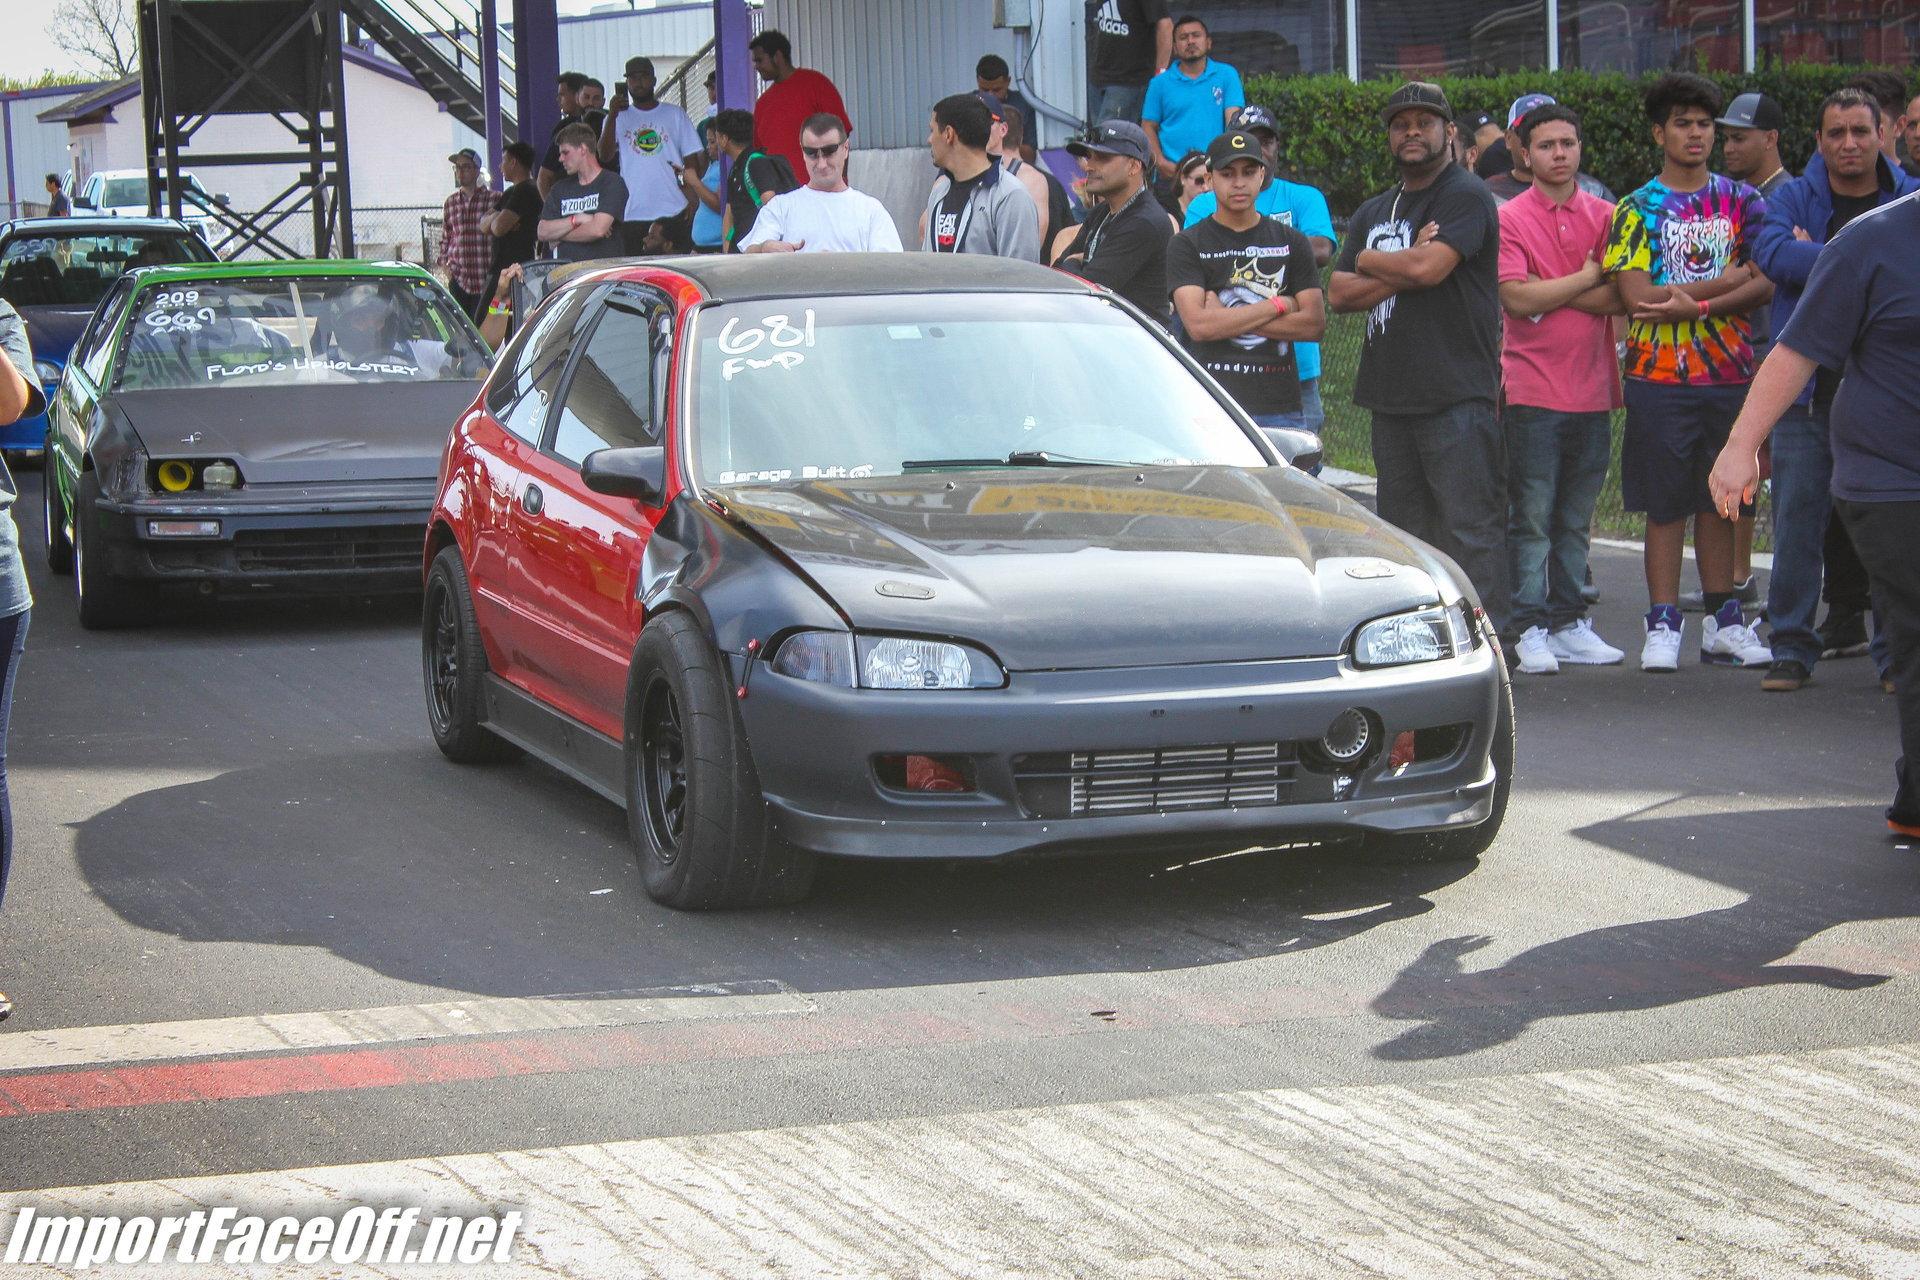 Wheel and drag radial setup for the street? - Honda-Tech - Honda